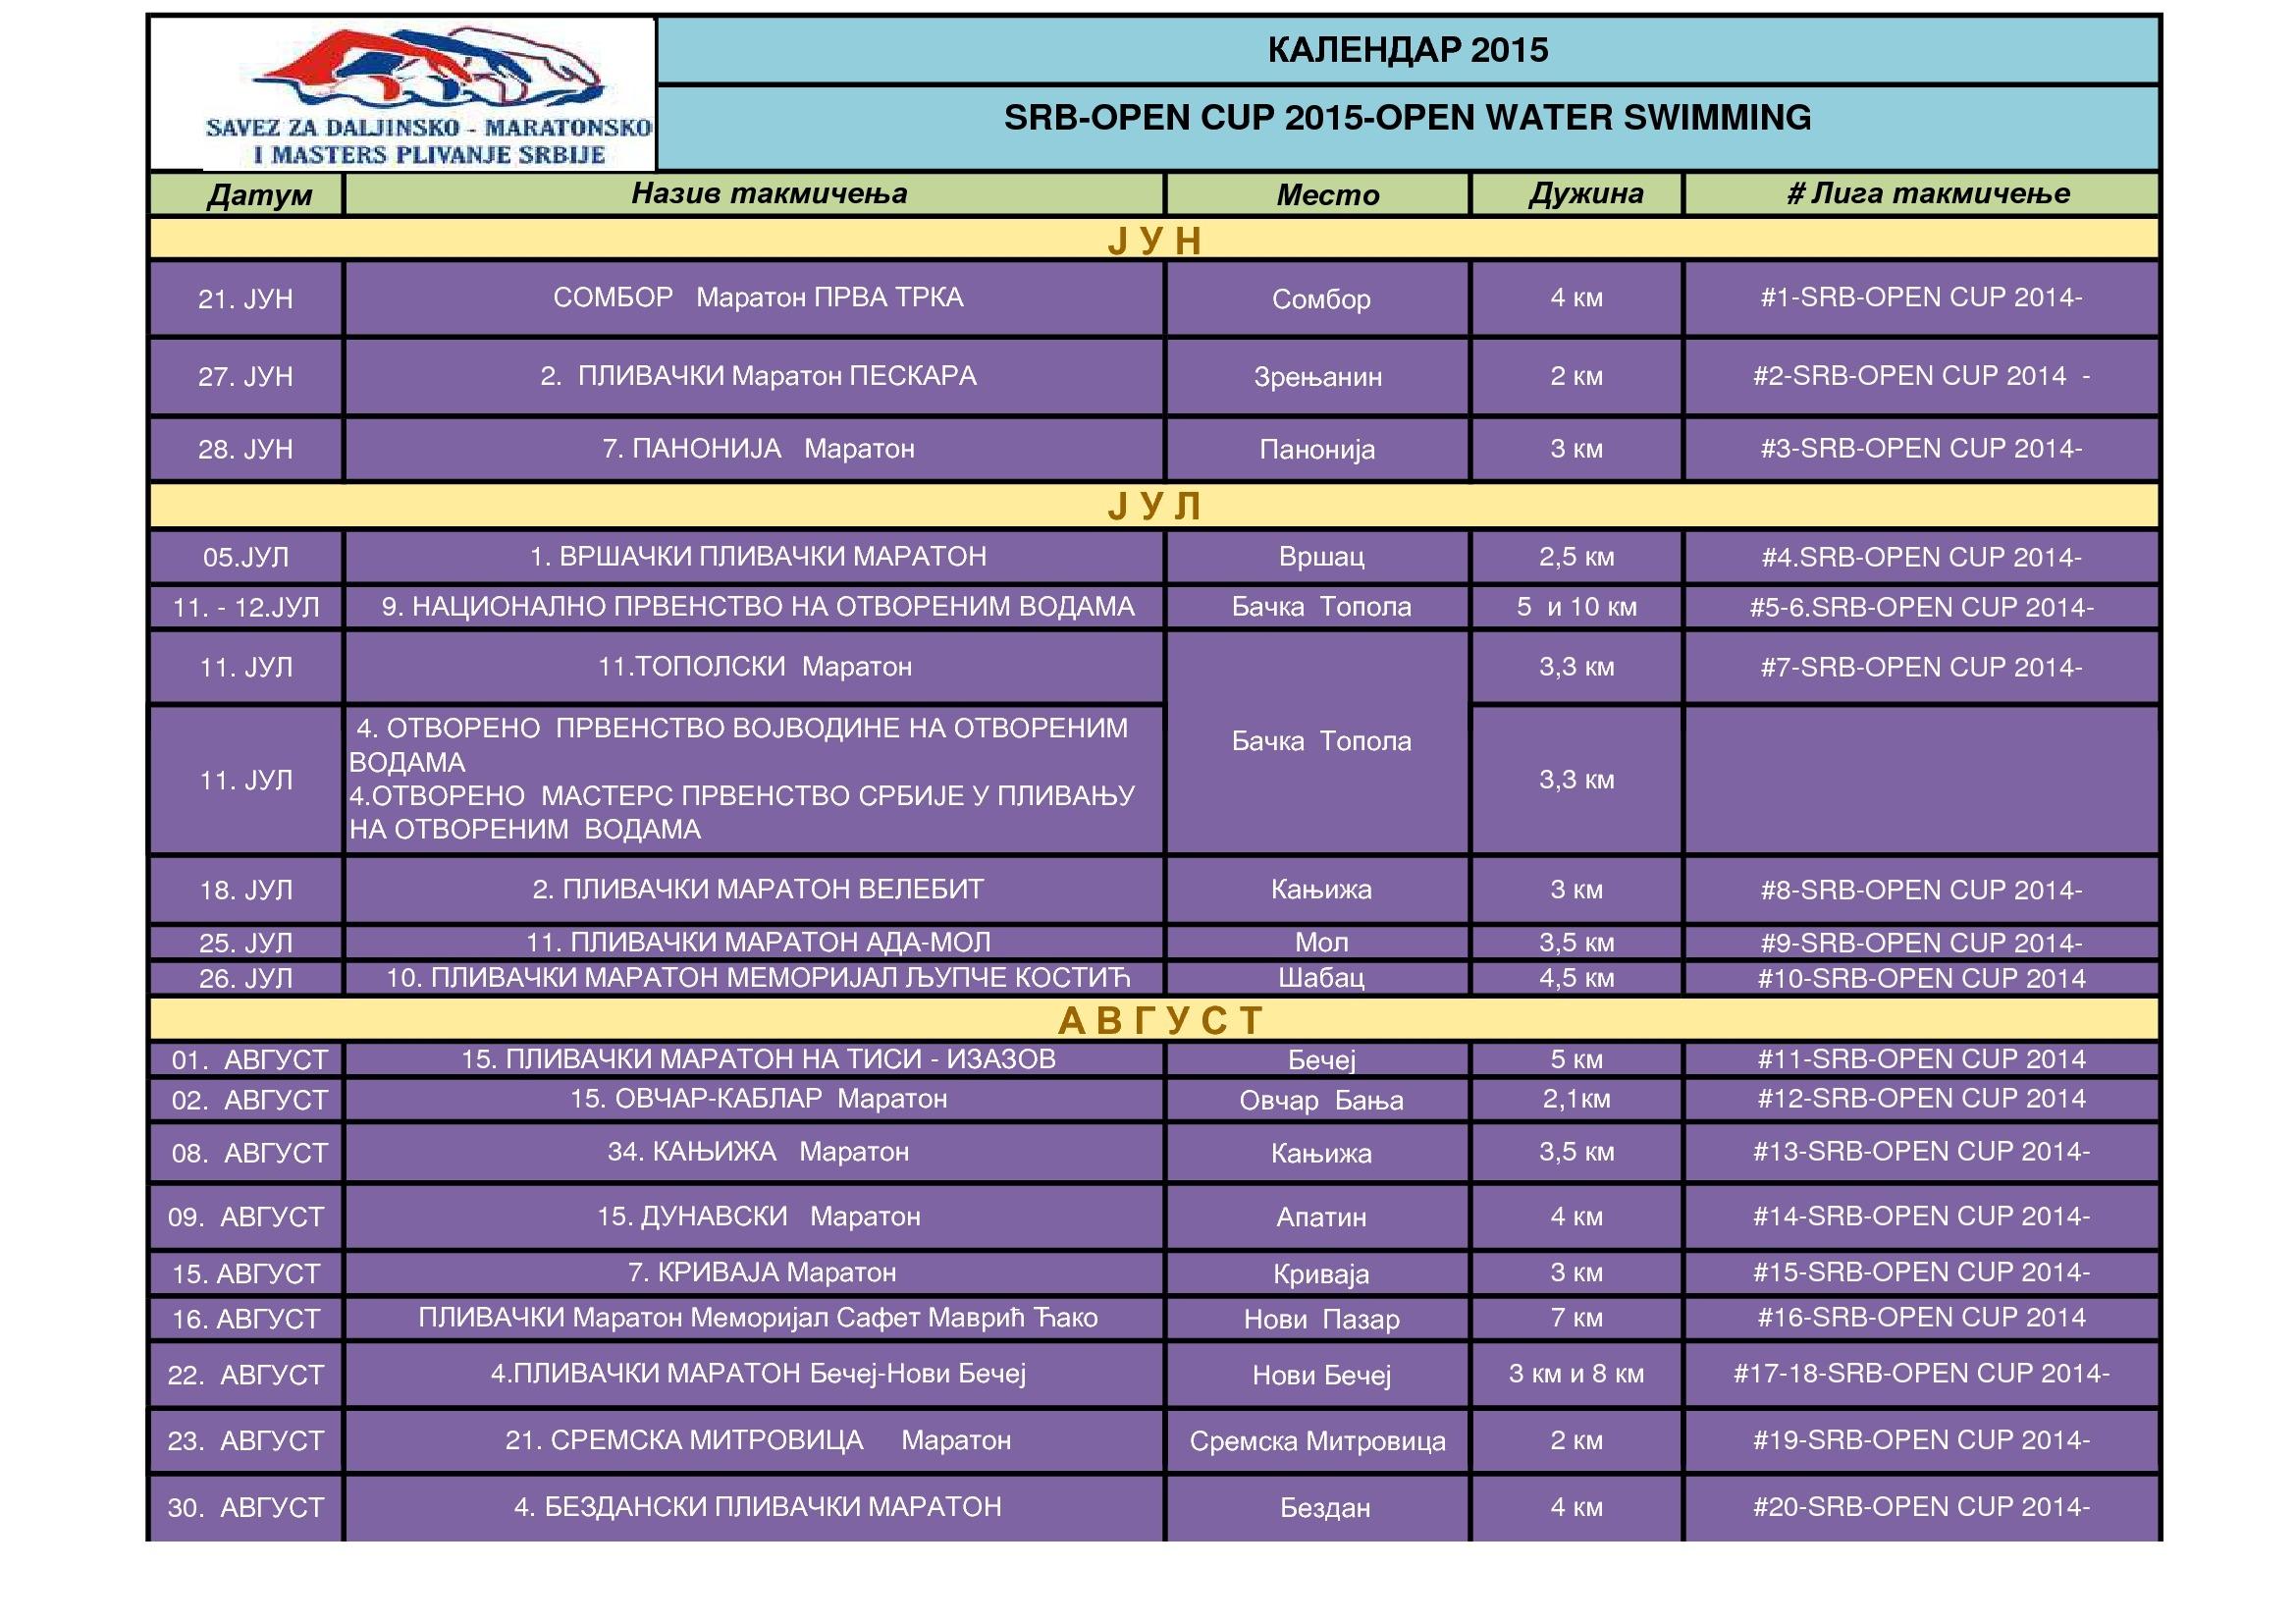 Na osnovu konsultacija u prilogu je preliminarni Kalendar OWS za 2015